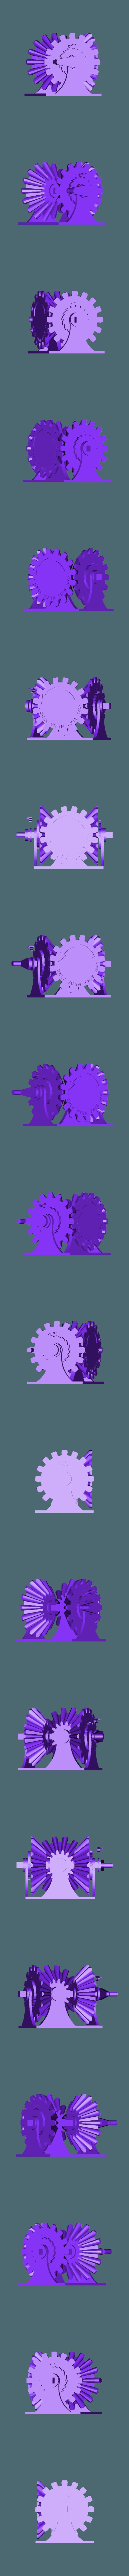 Bevel_gear_mechanism_v8.stl Télécharger fichier STL gratuit Mécanisme qui ne tourne que dans un sens, quoi qu'il arrive !!!!! Engrenage conique • Objet à imprimer en 3D, matthewdwulff